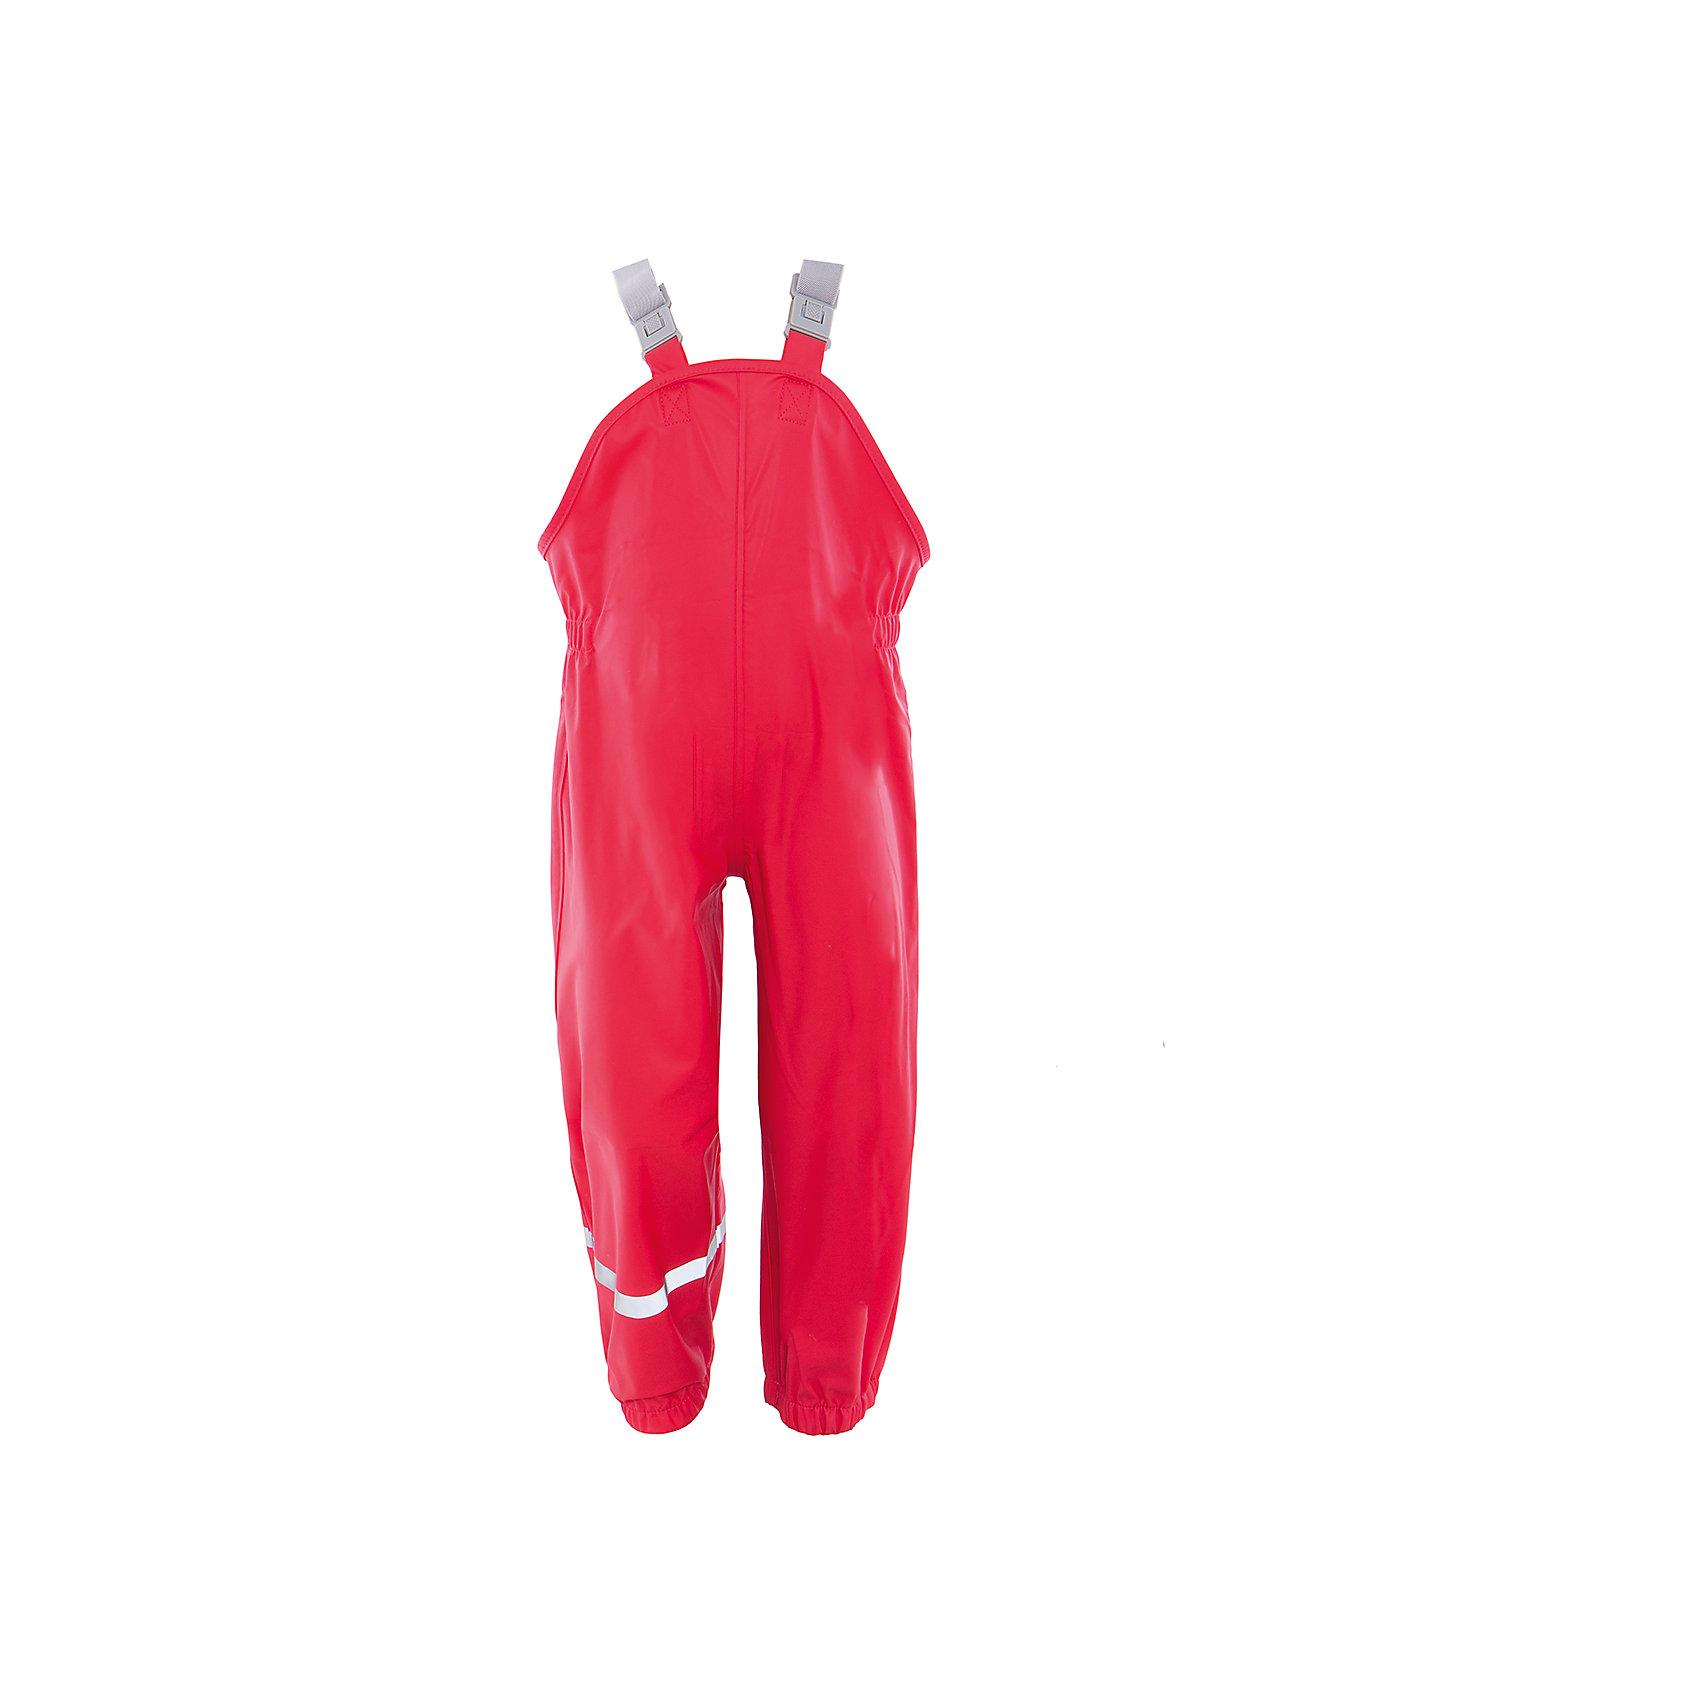 Непромокаемый полукомбинезон для девочки Color KidsВерхняя одежда<br>Характеристики товара:<br><br>• цвет: красный<br>• состав: 50% полиэстер, 50% полиуретан<br>• регулируемые подтяжки<br>• без утеплителя<br>• швы проклеены<br>• водонепроницаемый <br>• ветрозащитный<br>• светоотражающие детали<br>• эластичные манжеты<br>• эластичная талия<br>• сезон: демисезон<br>• температурный режим: +10 до +20<br>• страна производства: Китай<br>• страна бренда: Дания<br><br>Такой удобный комбинезон сделан из непромокаемого легкого материала, поэтому отлично подойдет для дождливой погоды в межсезонье. <br><br>Одежду от датского бренда Color Kids уже успели оценить многие потребители по всему миру! Она удобная и красивая, если линейки, разработанные специально для детей. <br><br>Для производства изделий используются только безопасные, качественные материалы и фурнитура. Подарите своем у ребенку модную и комфортную одежду от известного бренда!<br><br>Полукомбинезон для девочки от датского бренда Color Kids (Колор кидз) можно купить в нашем интернет-магазине.<br><br>Ширина мм: 215<br>Глубина мм: 88<br>Высота мм: 191<br>Вес г: 336<br>Цвет: красный<br>Возраст от месяцев: 84<br>Возраст до месяцев: 96<br>Пол: Женский<br>Возраст: Детский<br>Размер: 128,98,104,110,122<br>SKU: 5557293